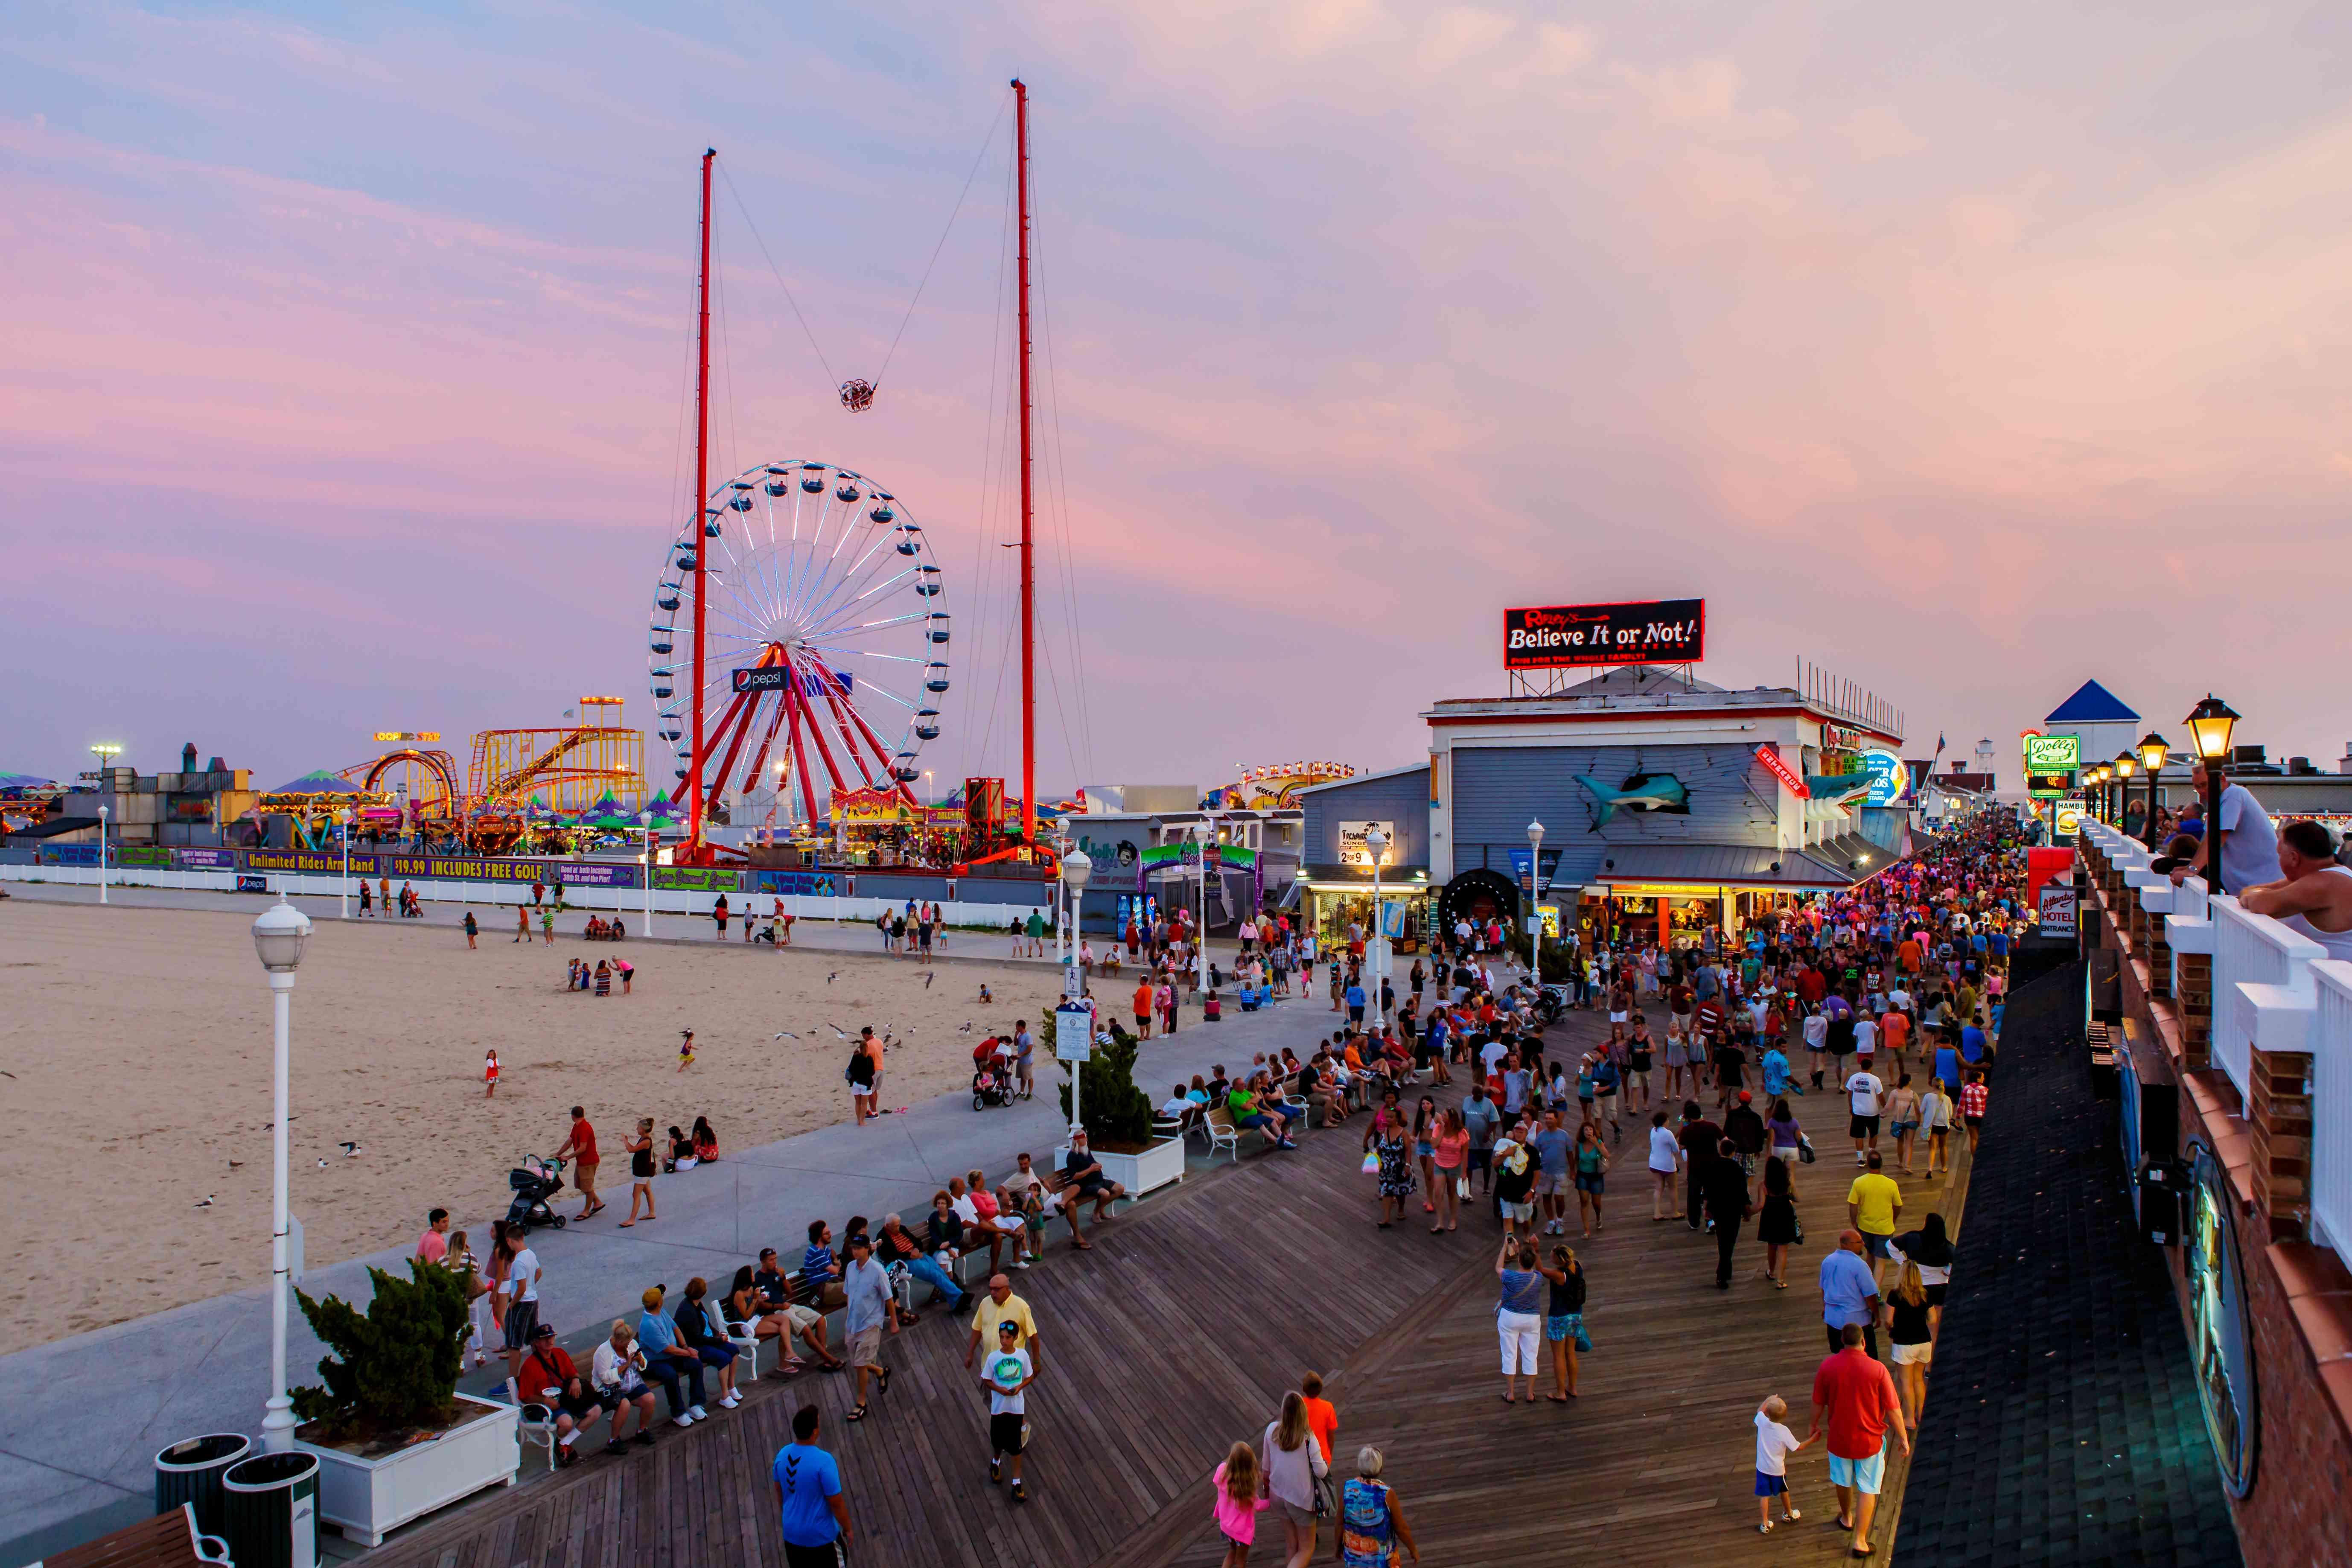 Busy Ocean City boardwalk